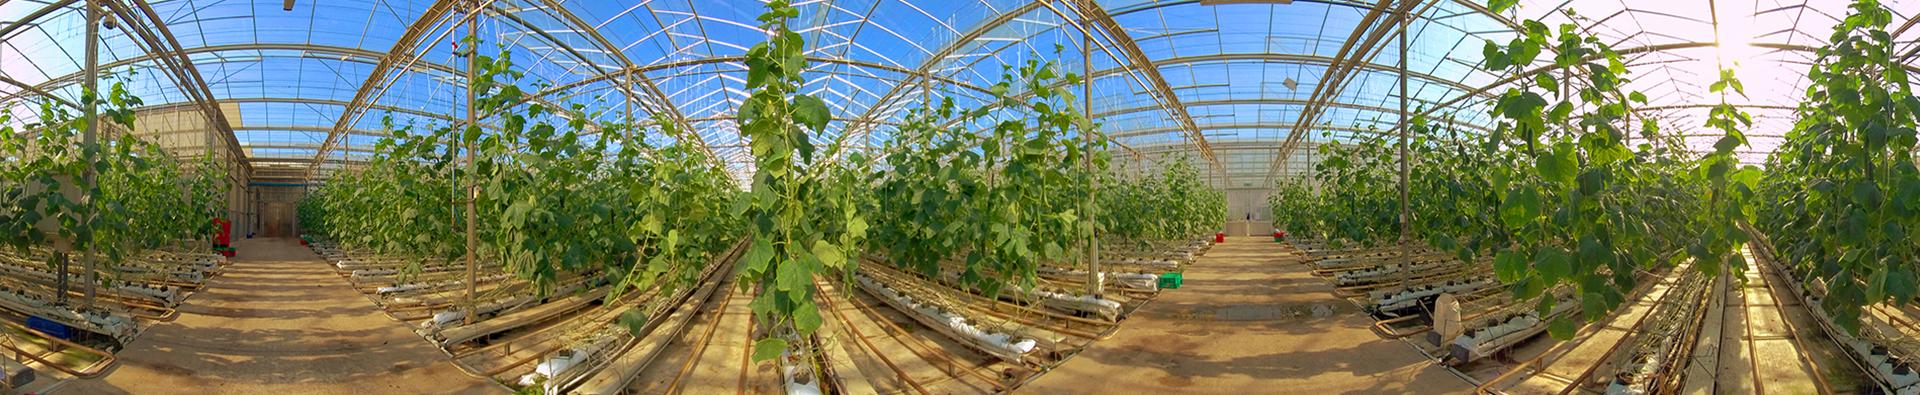 dube-cucumbers-agrizone